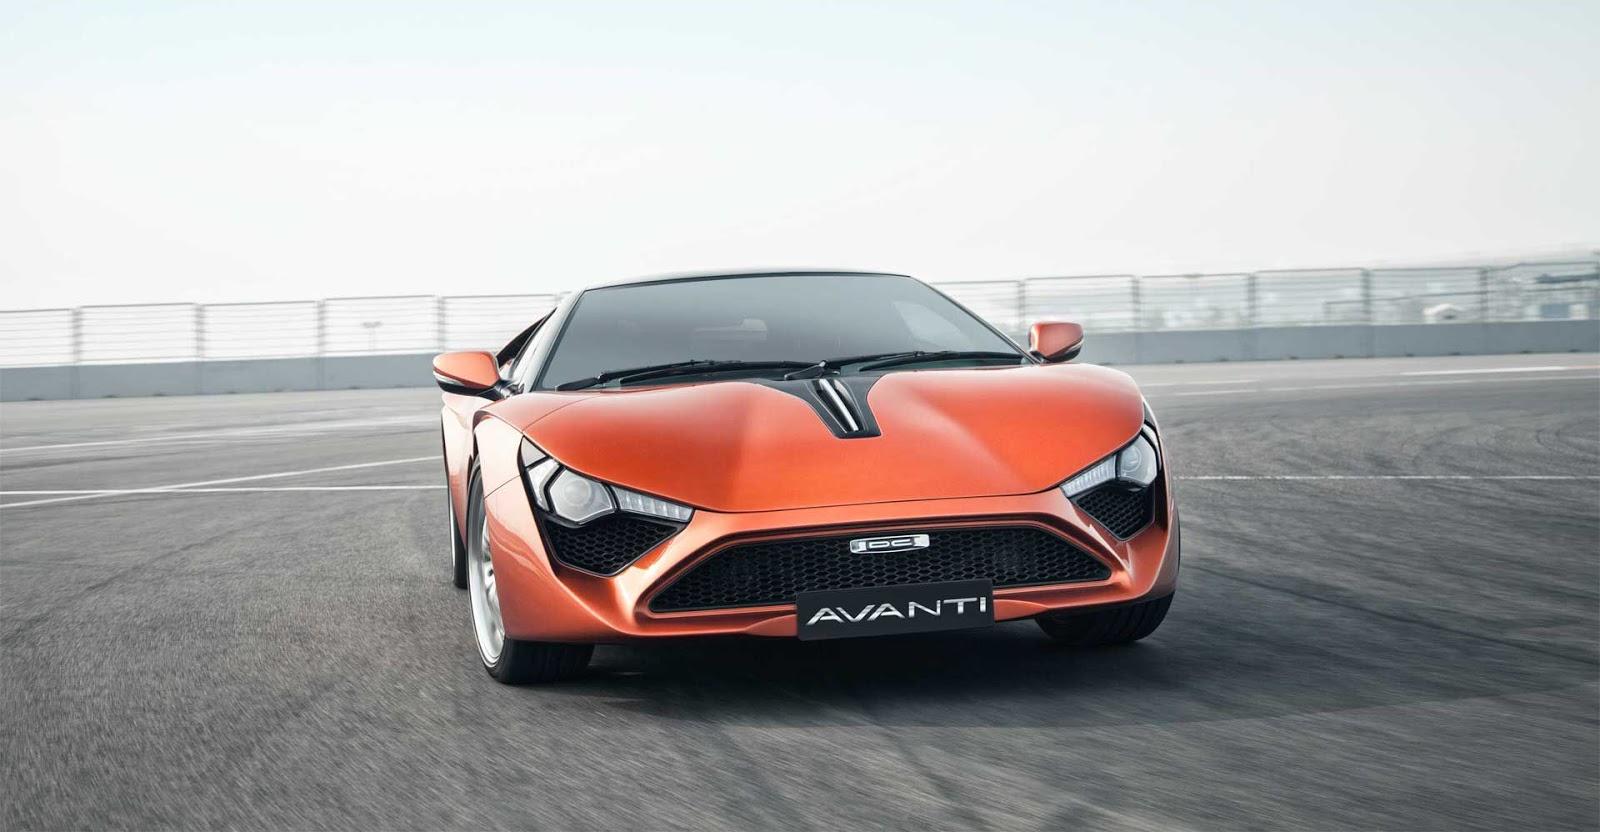 DC Avanti Sports car By DC DESIGN INDIA - Future Cars